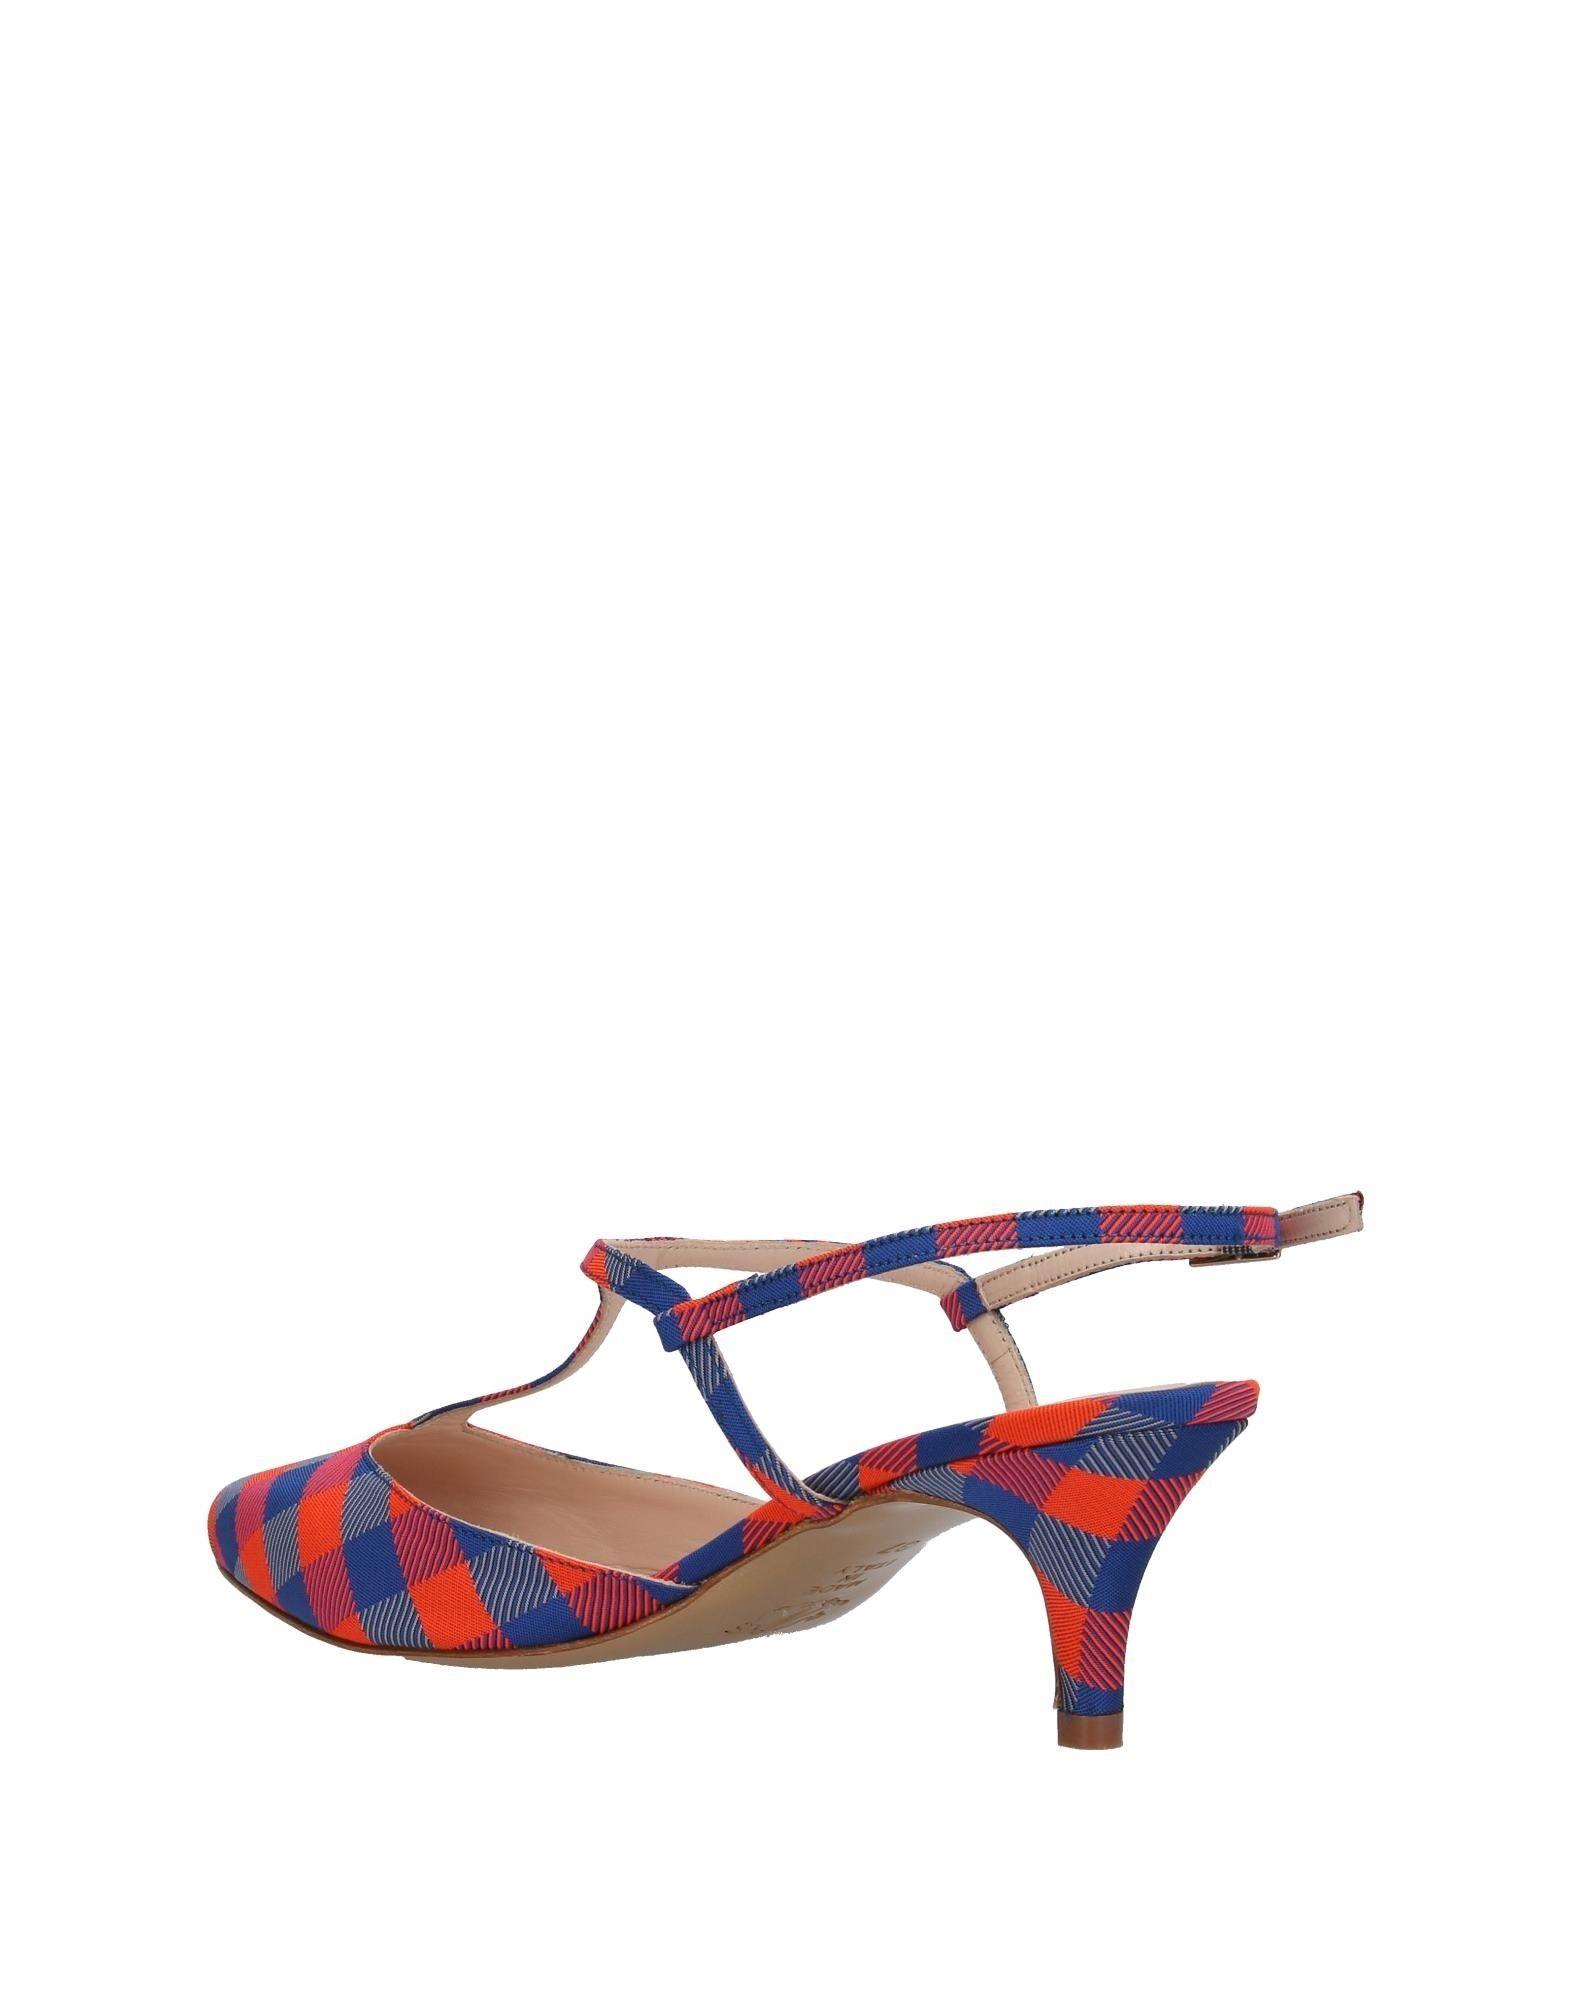 Lenora Sandalen Damen  11382258RU Gute Qualität beliebte Schuhe